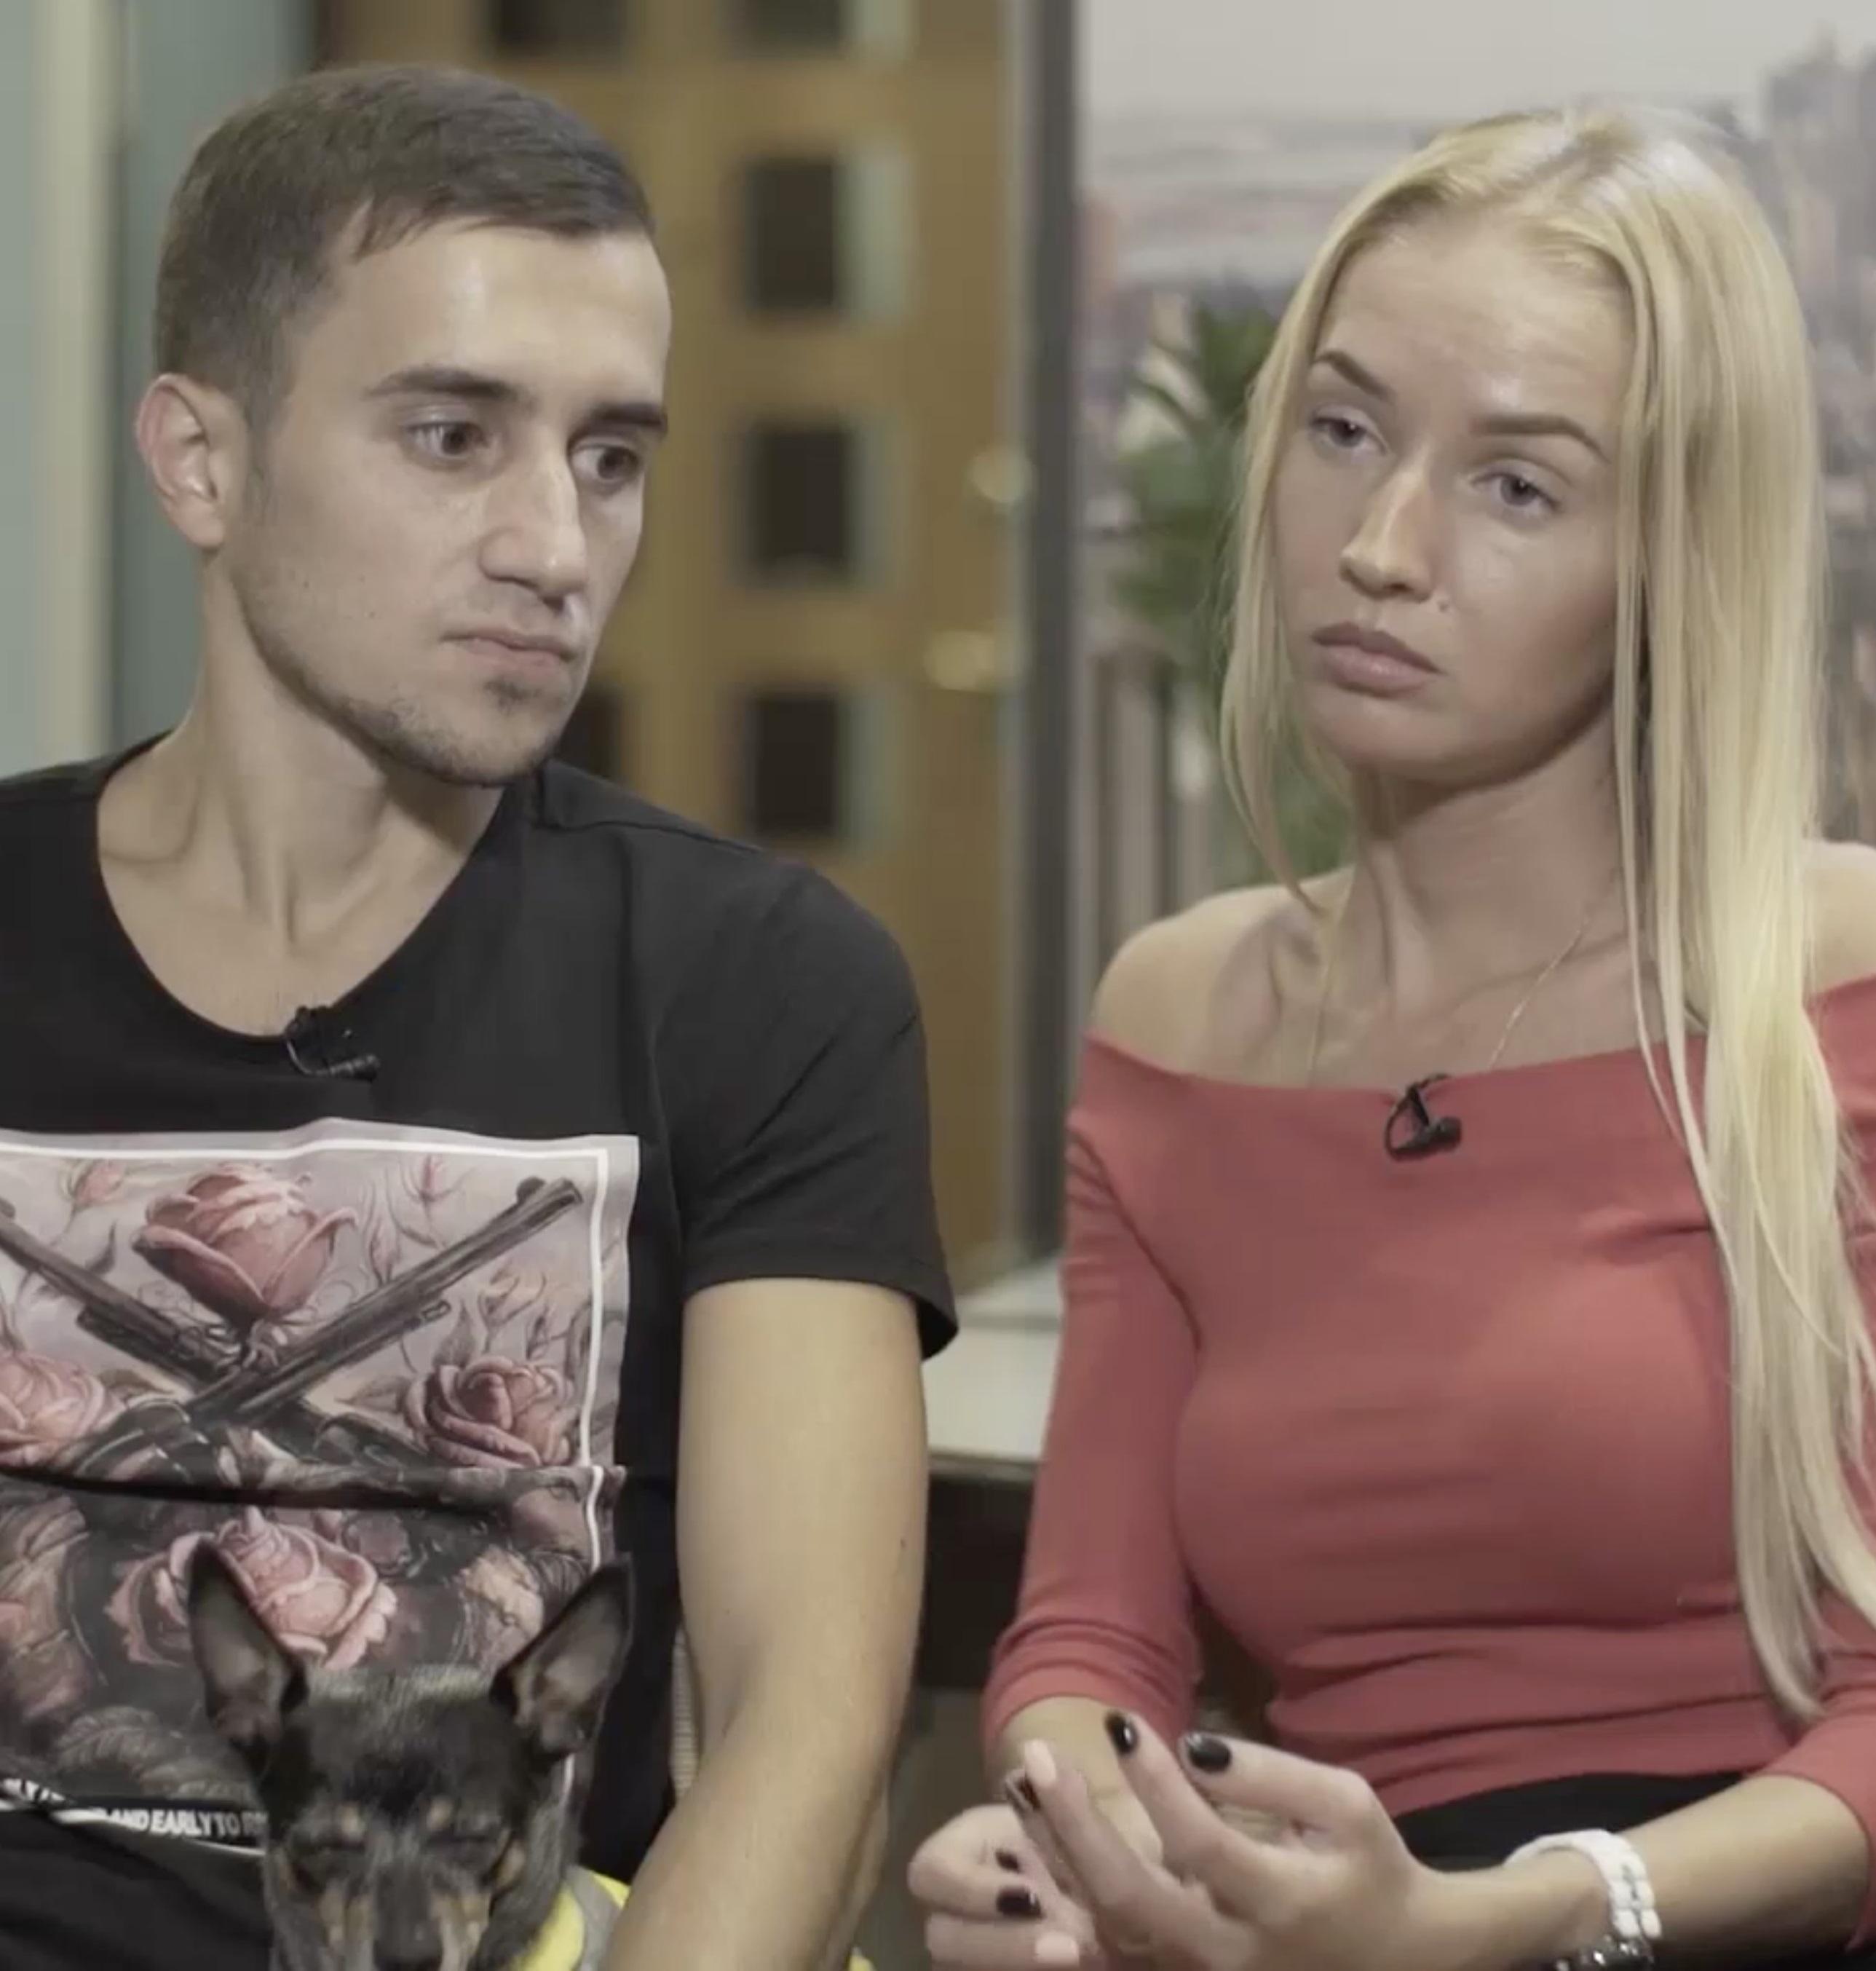 Спермы лице онлайн видео русские обмен партнерами